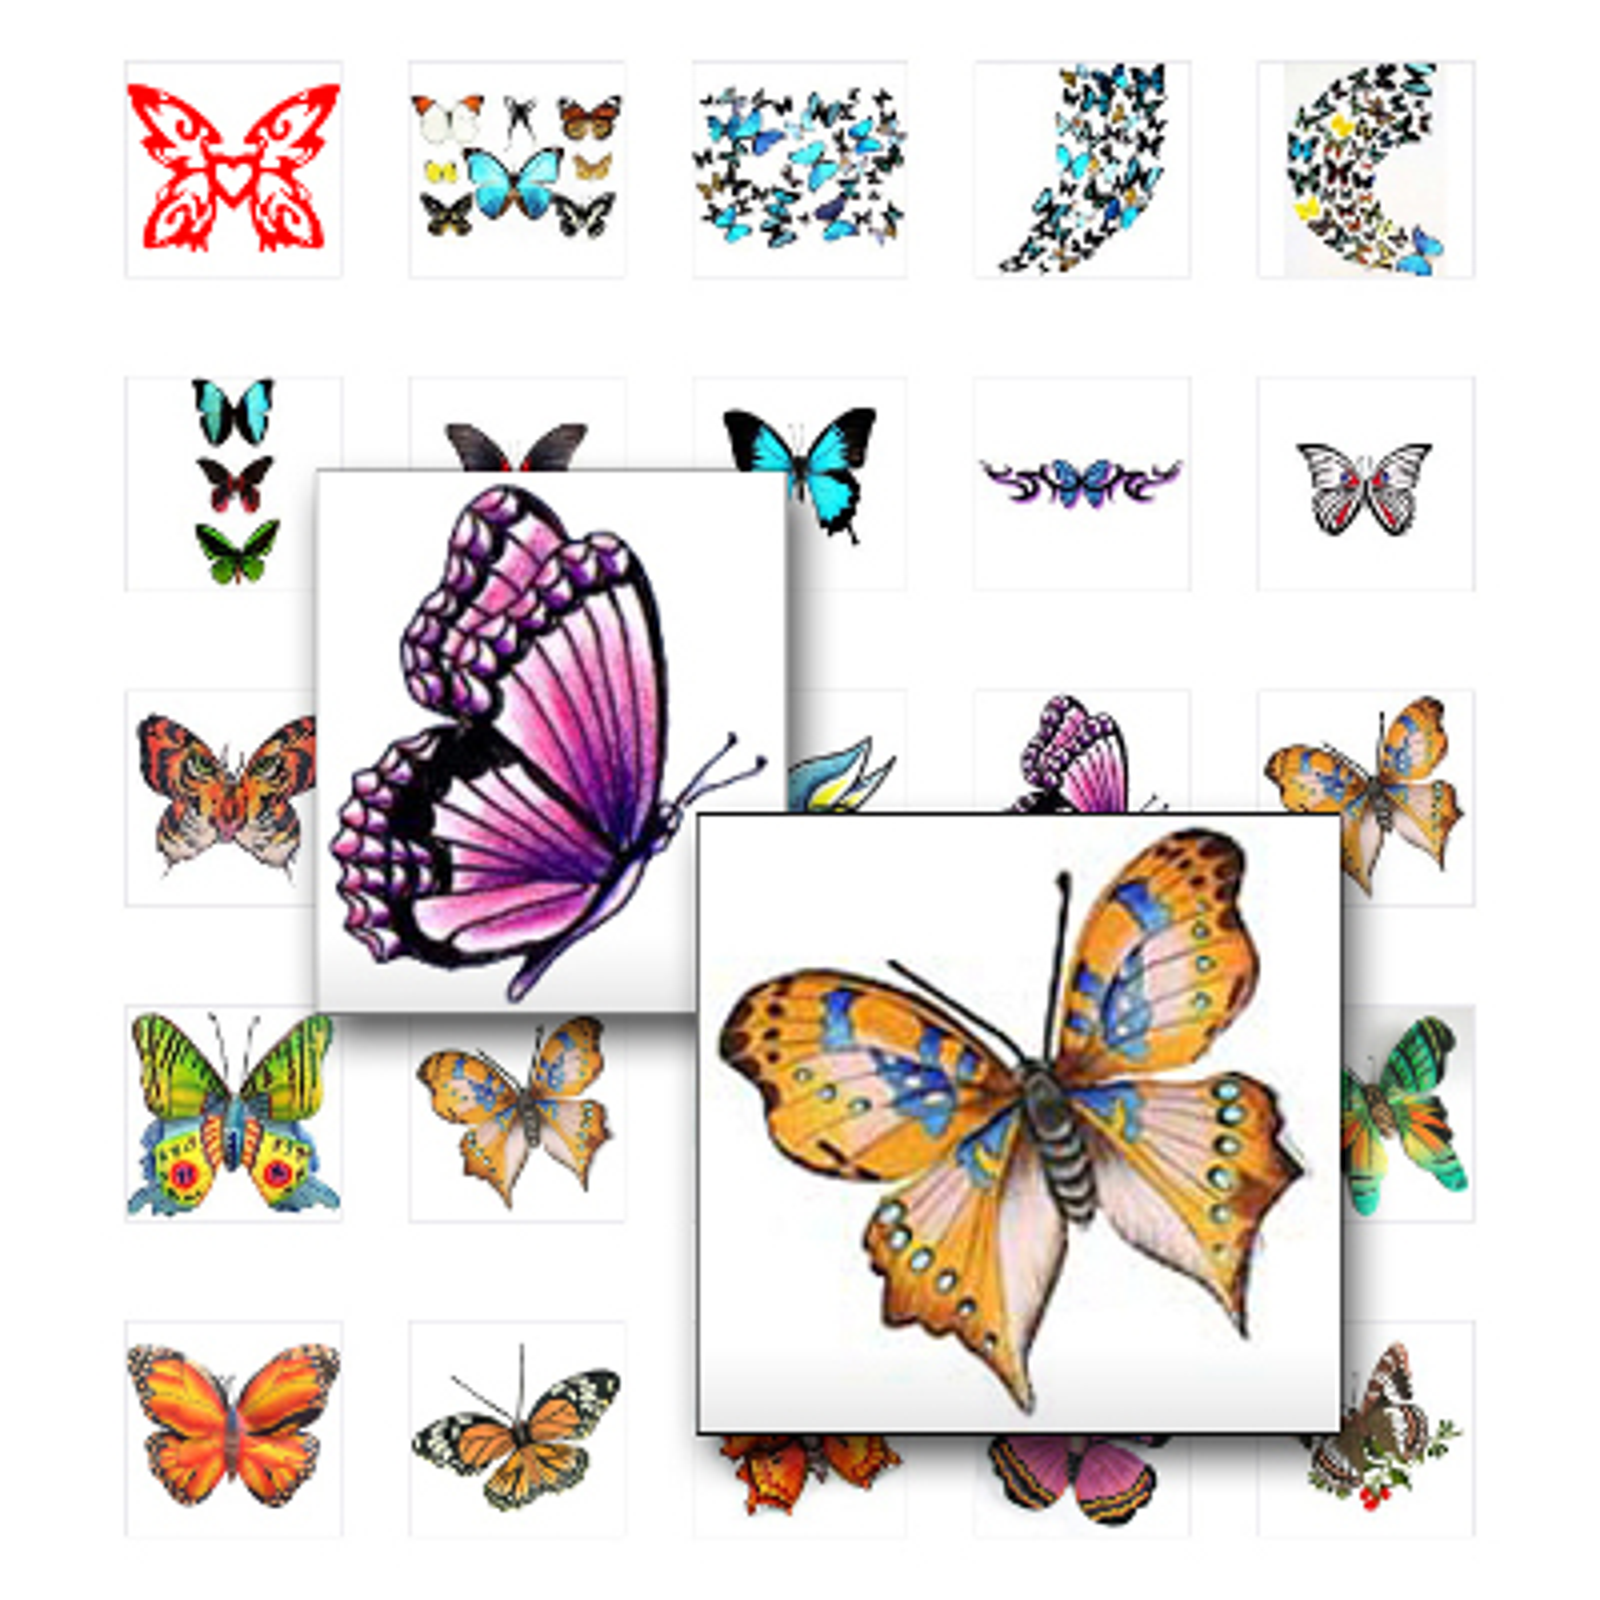 Schmetterling Tattoos sind vor allem bei Frauen sehr beliebt. Die ...